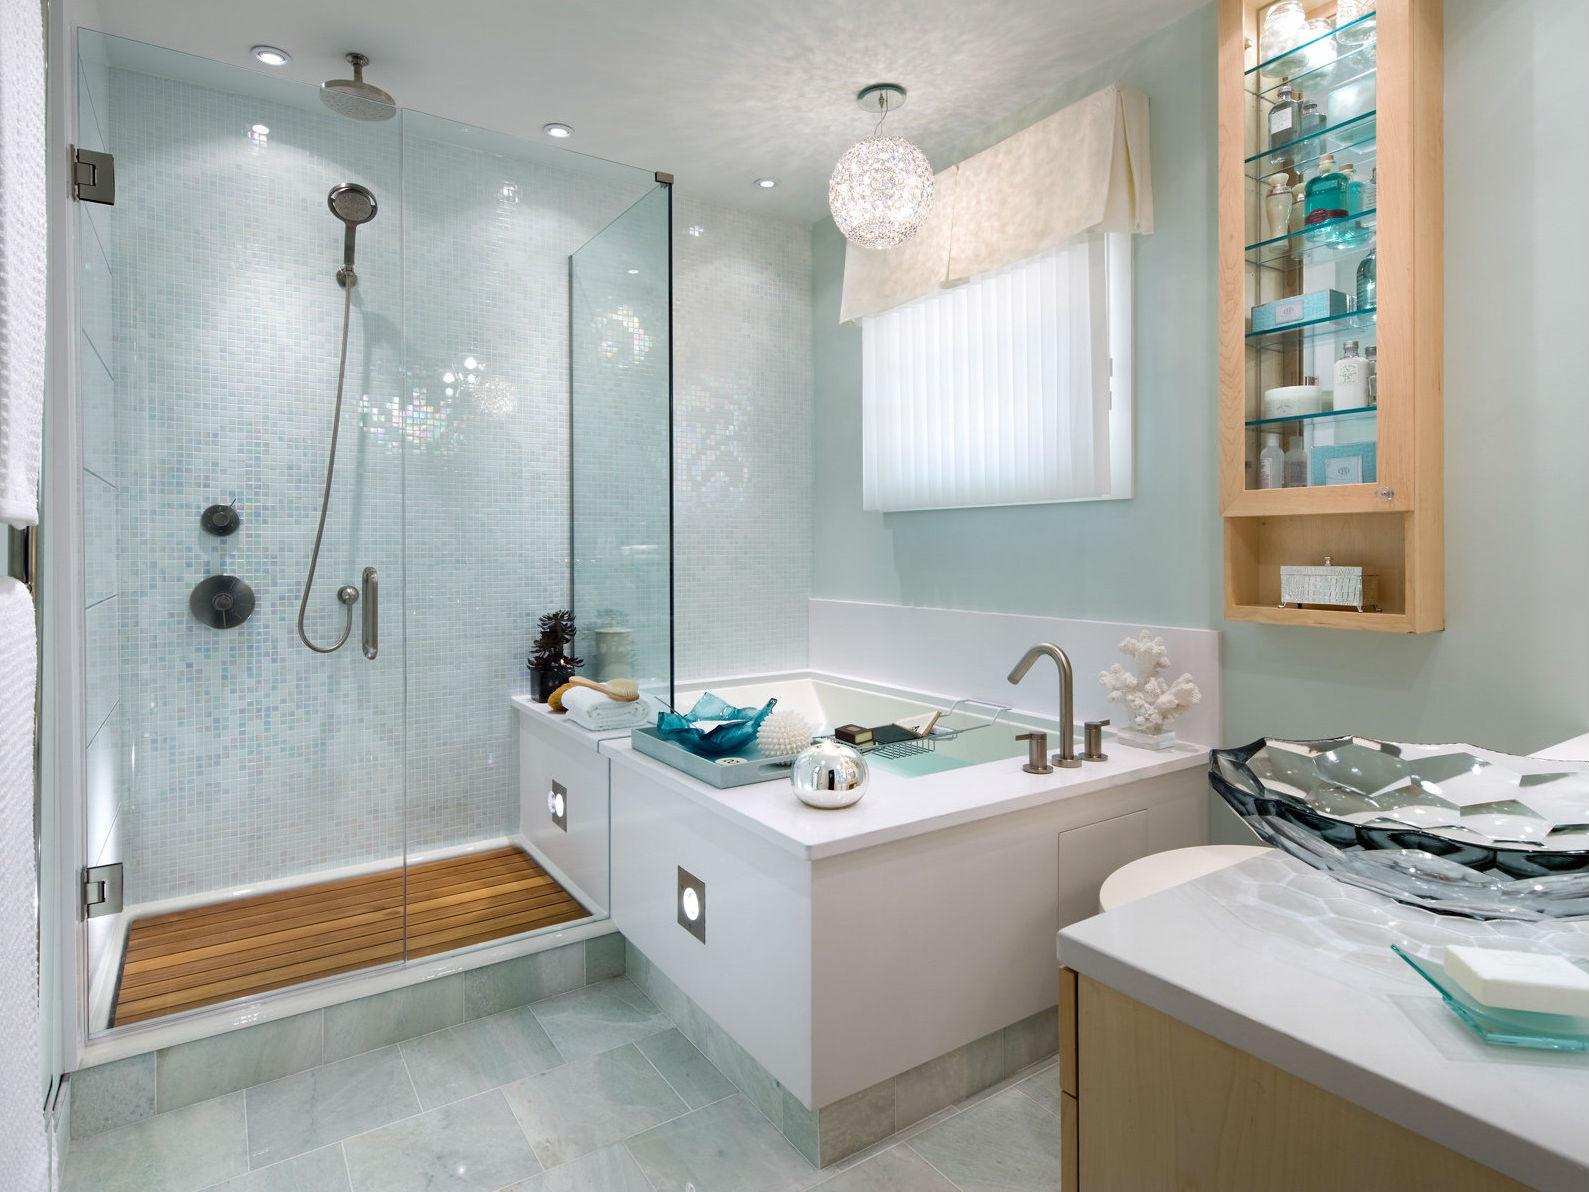 Дизайн ванной комнаты хайтек из стекла и кафеля